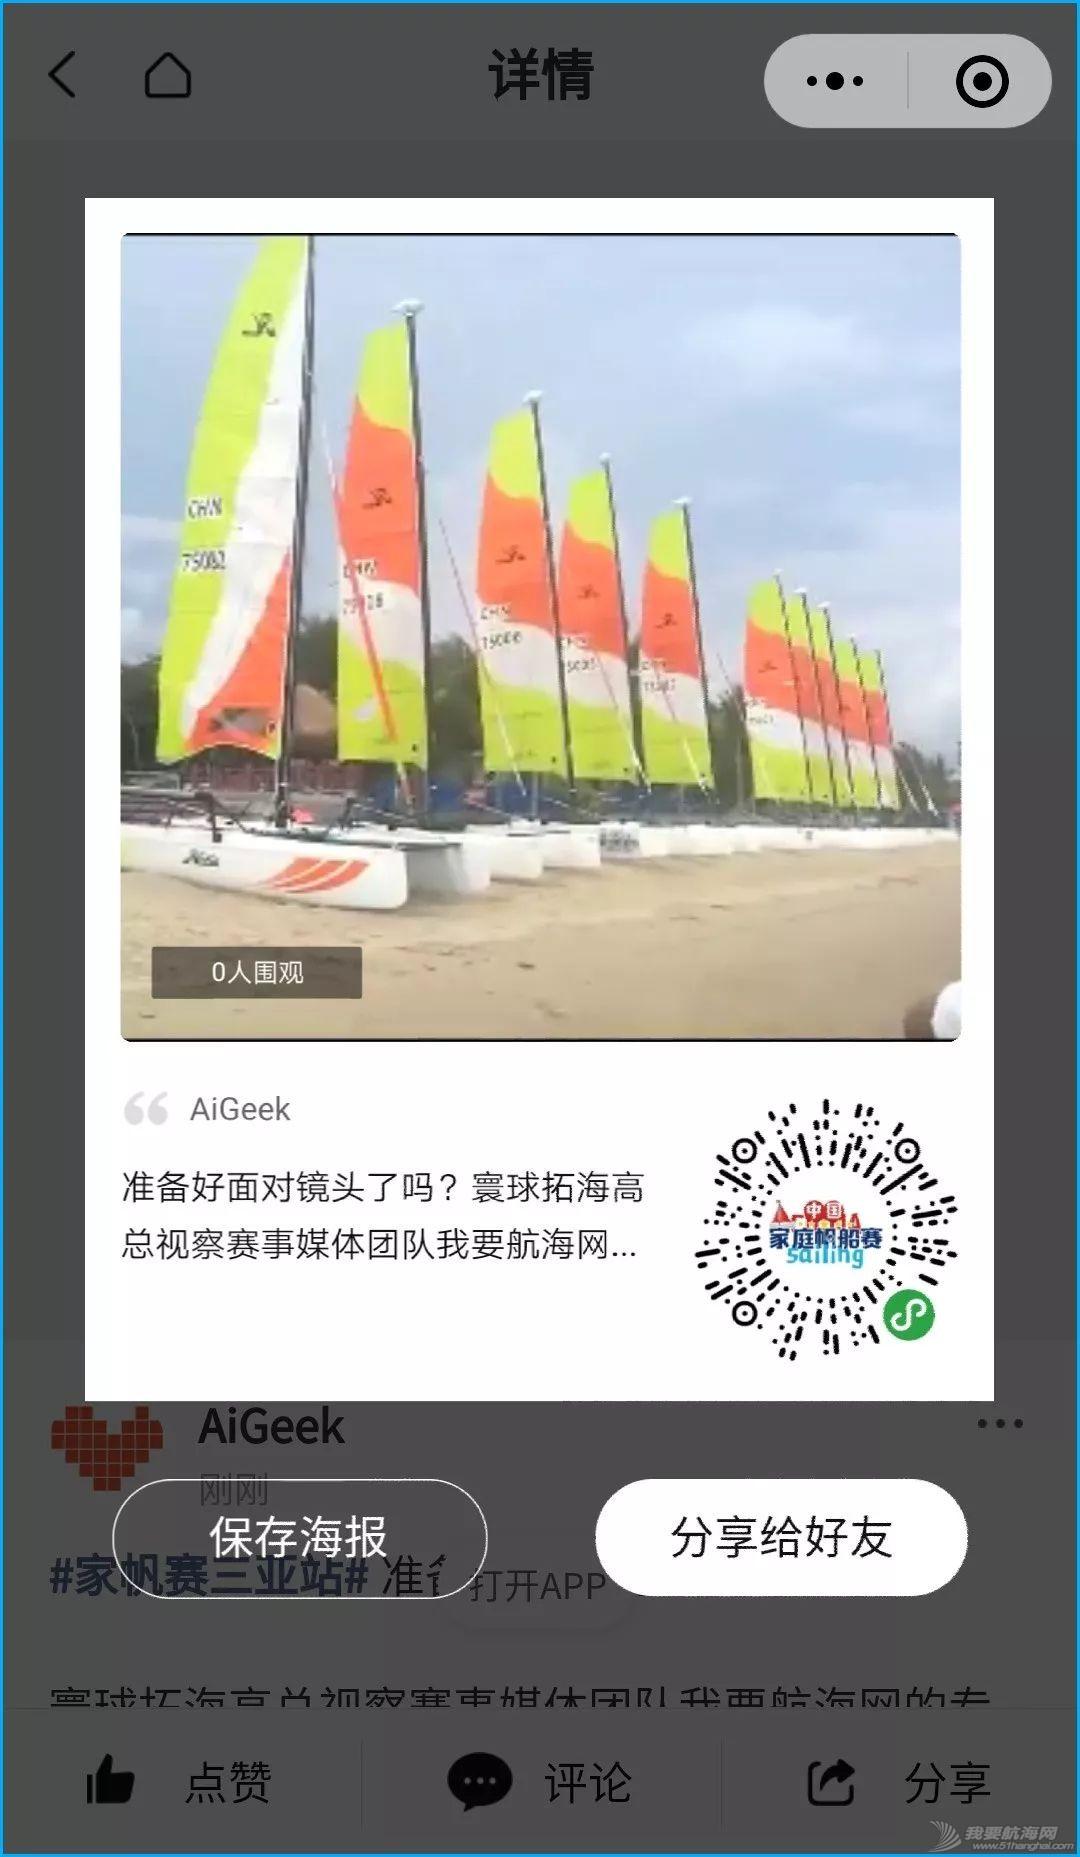 2019中国家庭帆船赛三亚站来了 三招带你玩转家帆赛官方互动小程序w9.jpg